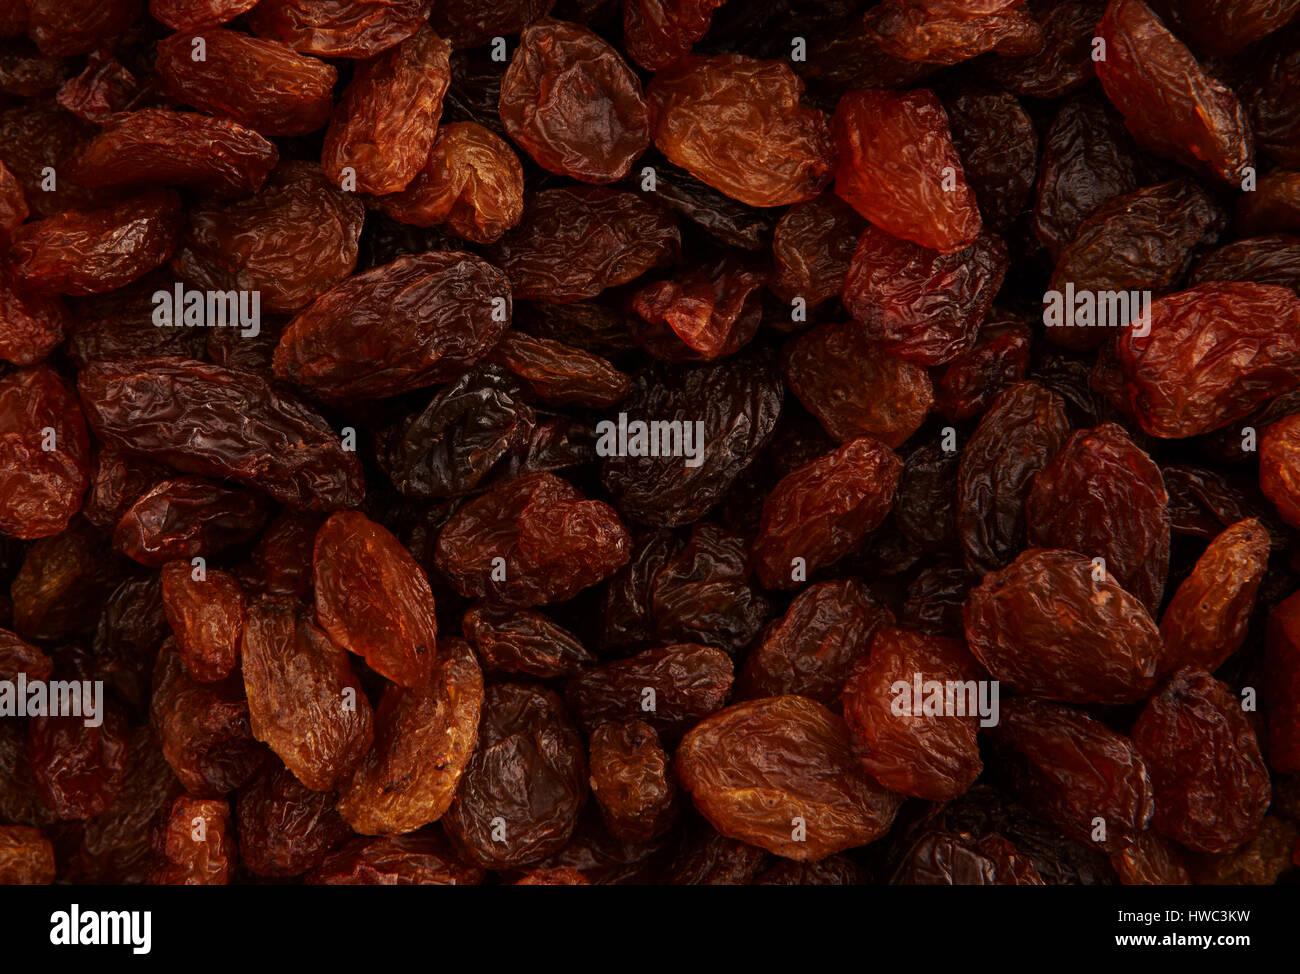 Uva sultanina,Full Frame closeup immagine di uva sultanina, di riempimento del telaio e abbastanza vicino per vedere Immagini Stock